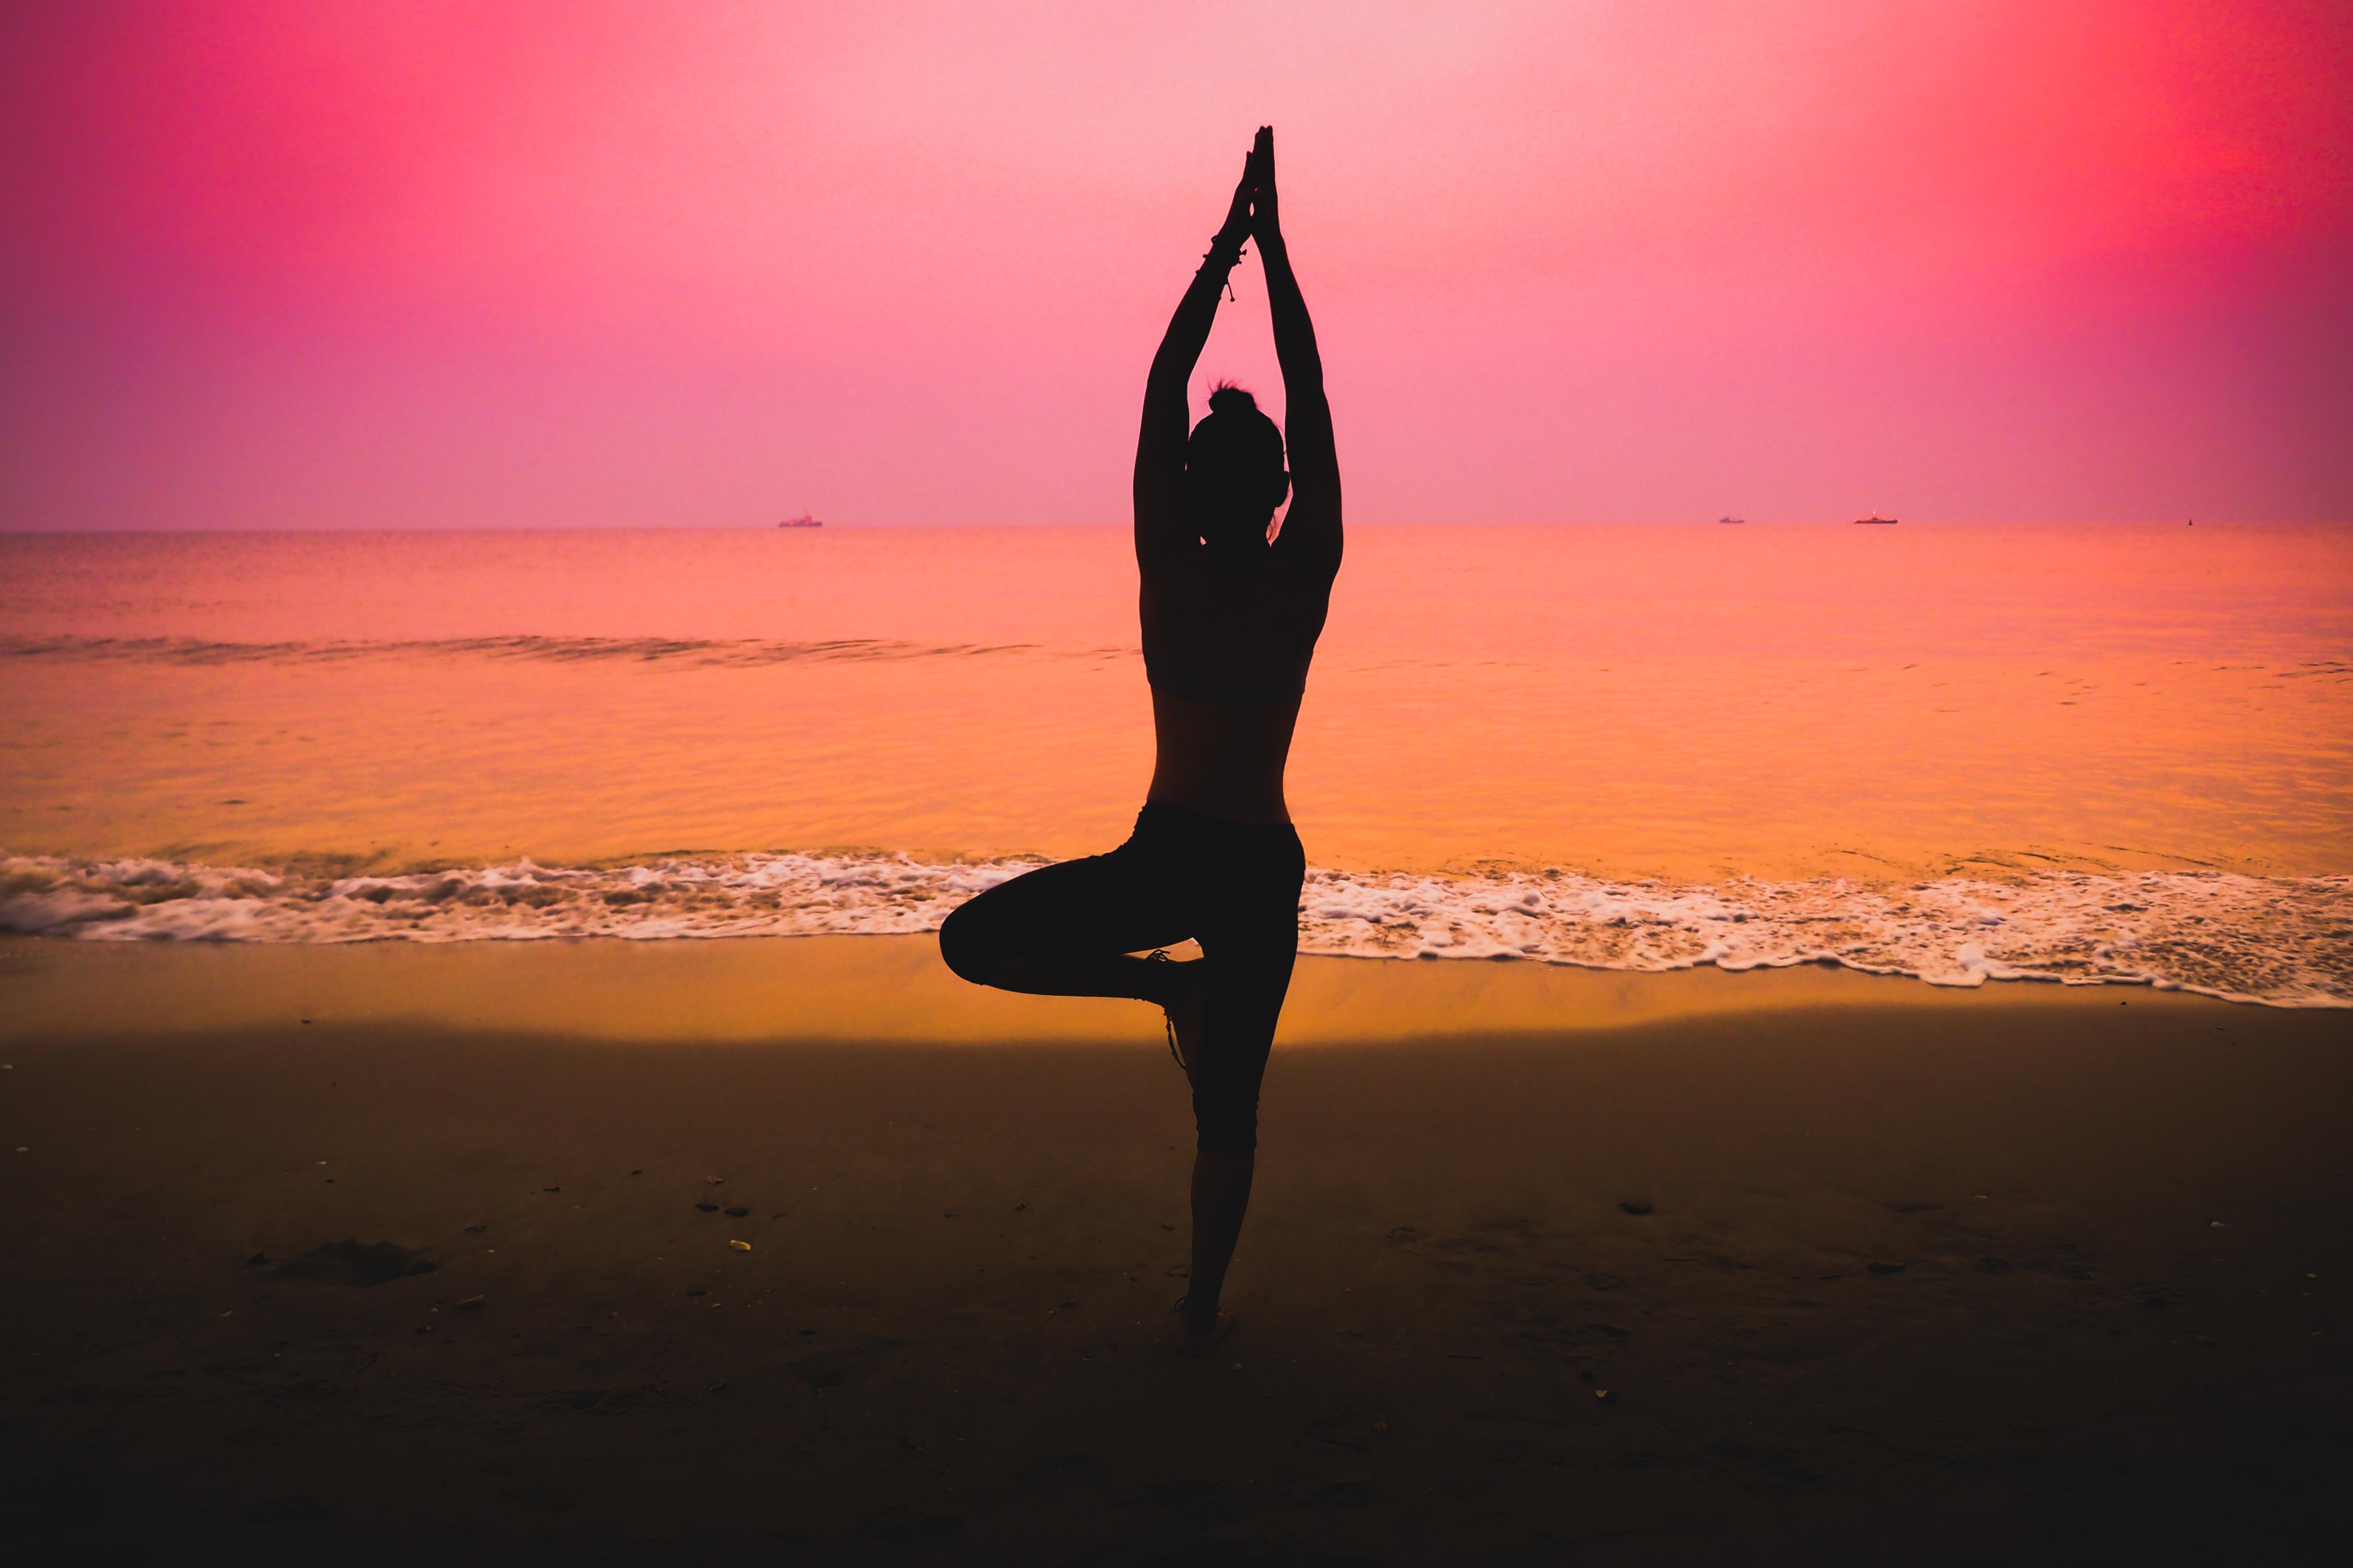 йога на фоне моря фото том